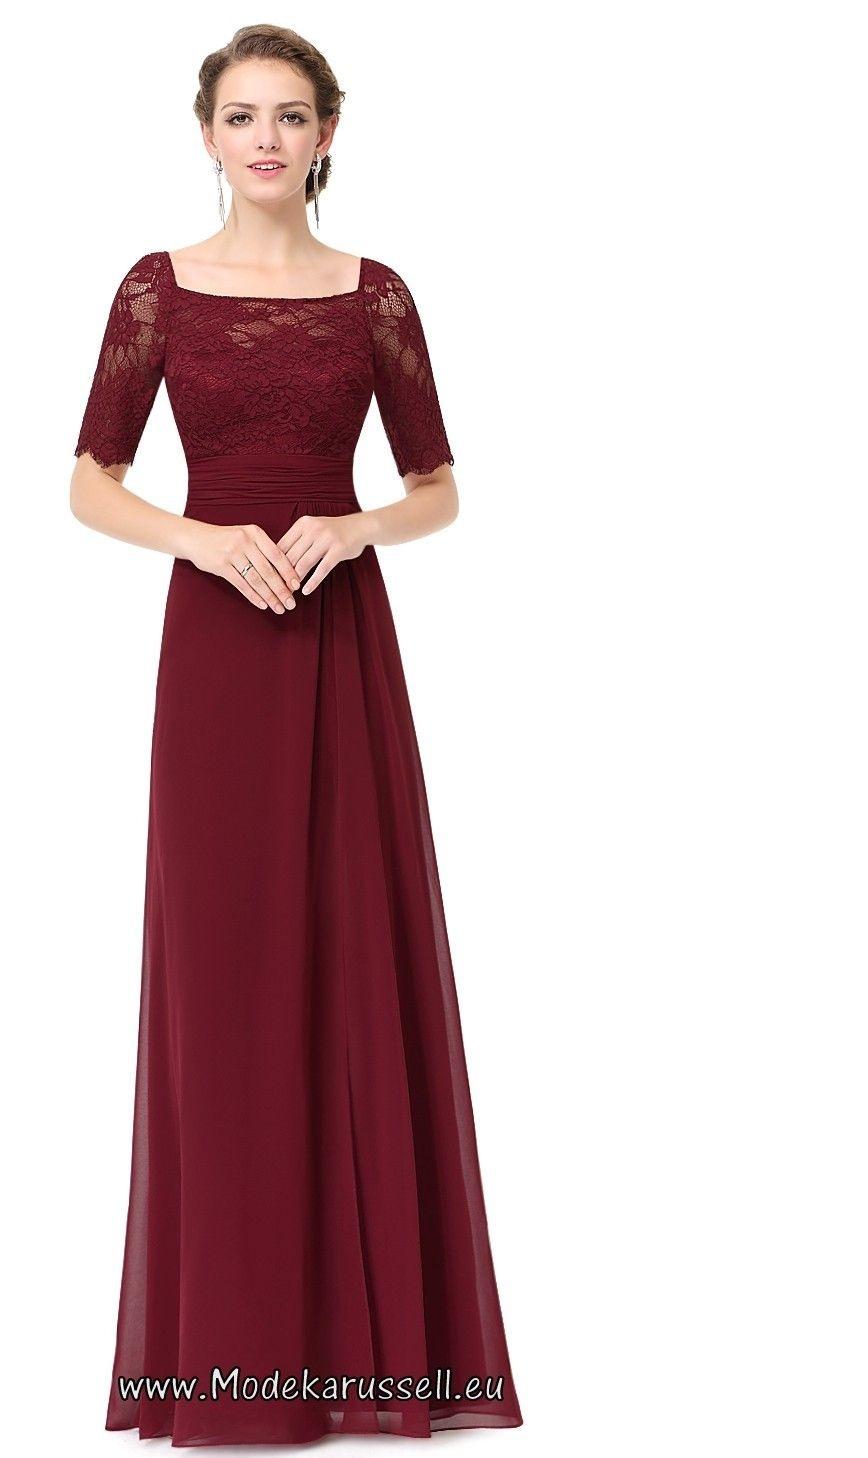 10 Perfekt Rotes Kleid Mit Glitzer Galerie Genial Rotes Kleid Mit Glitzer Bester Preis